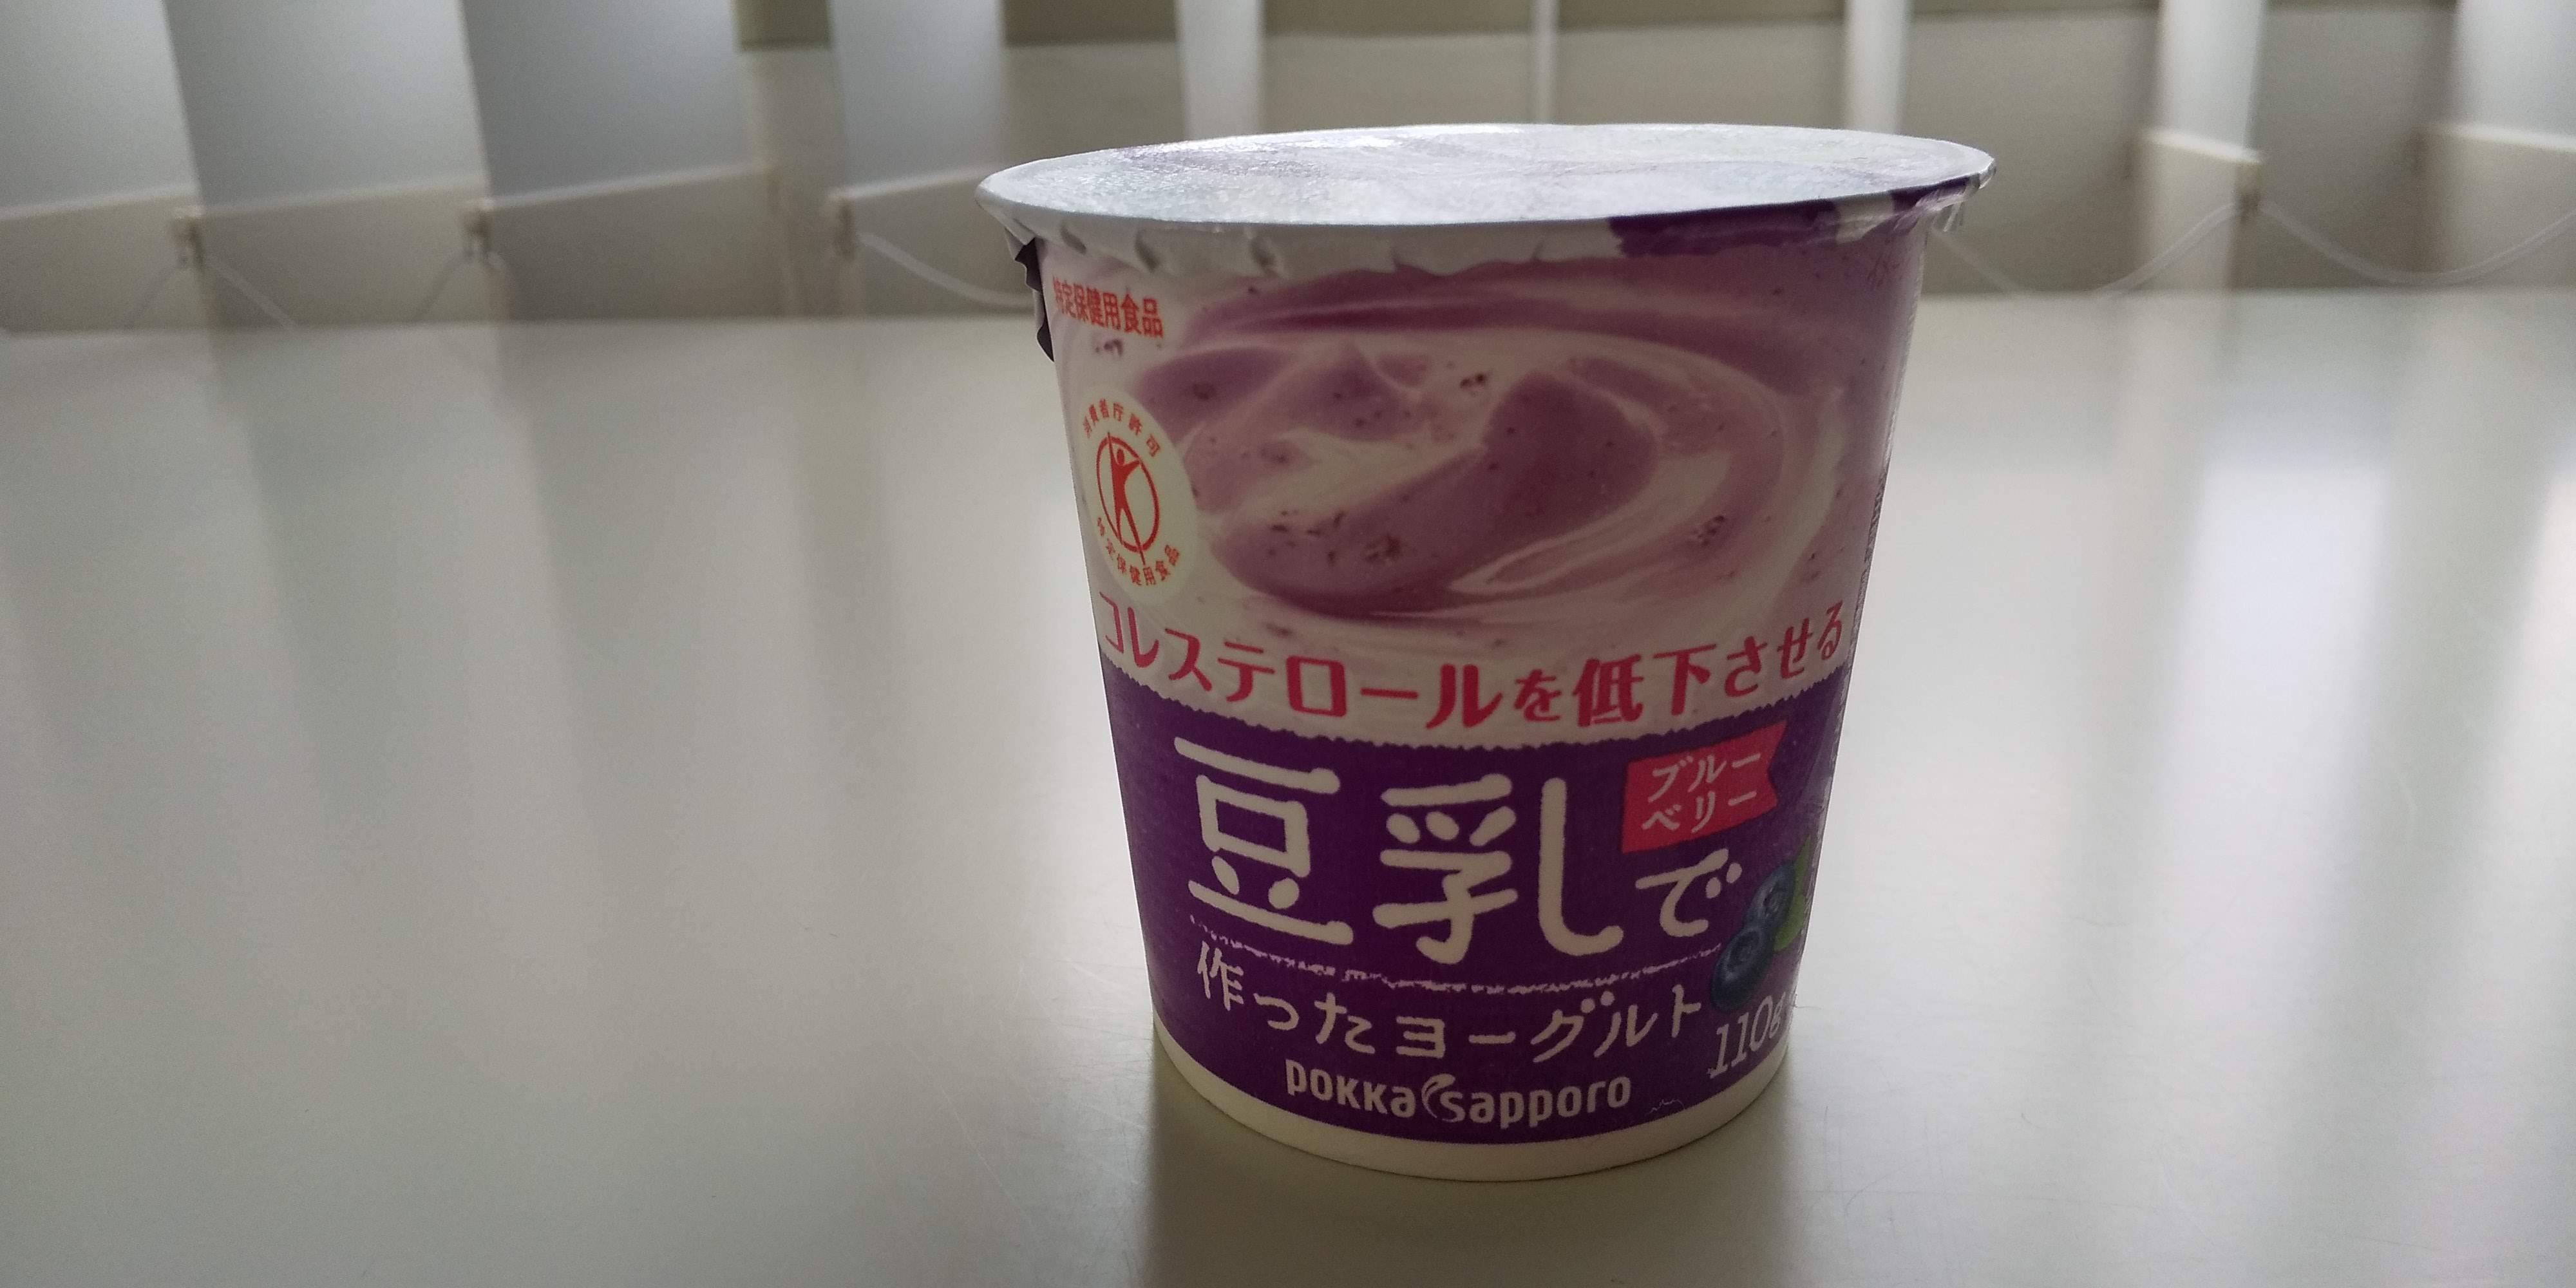 ポッカサッポロ『豆乳で作ったヨーグルト ブルーベリー』